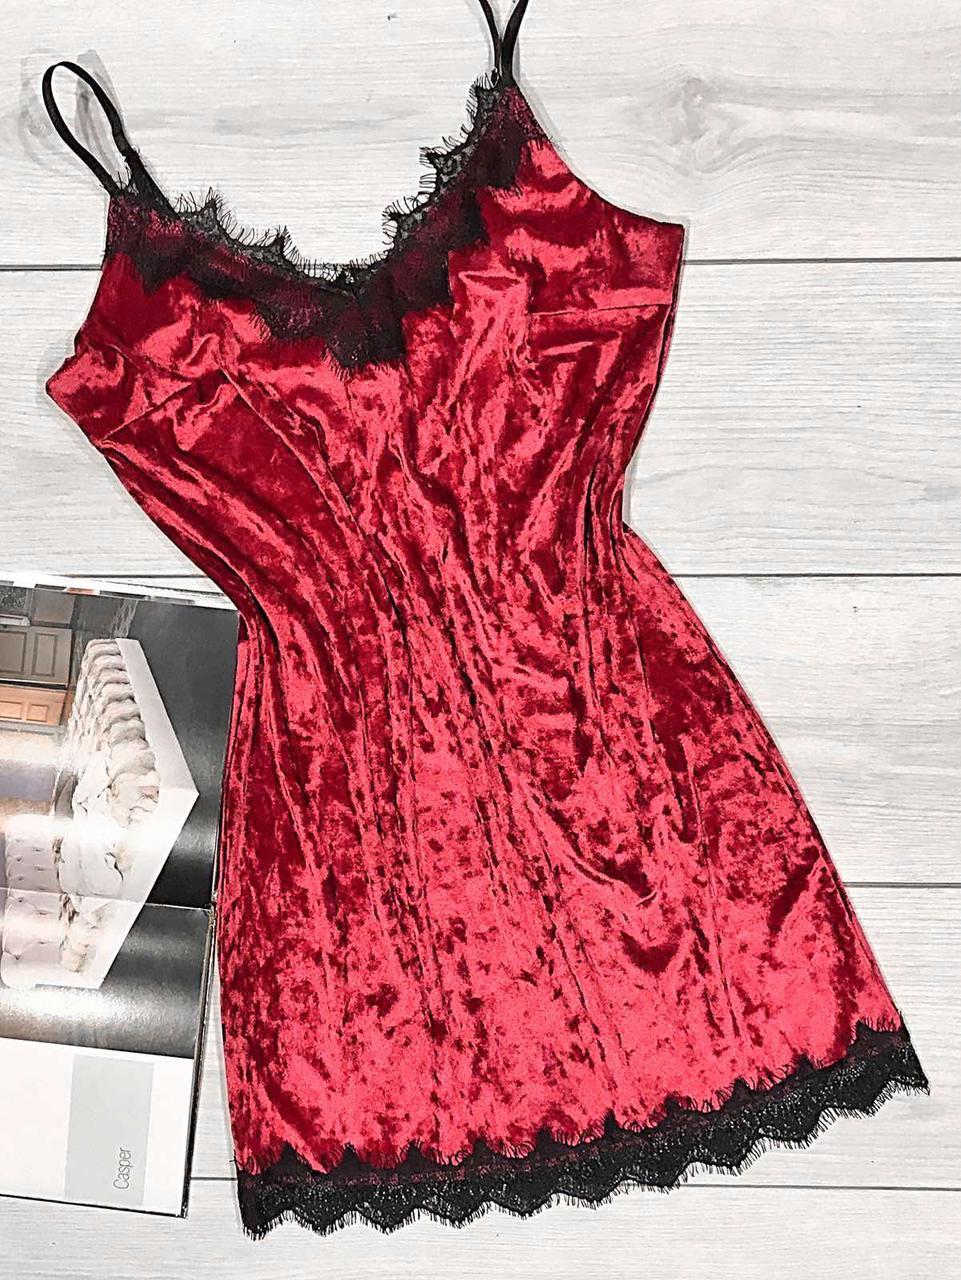 Чорна велюрова сорочка з червоним мереживом, пеньюари жіночі нічні сорочки.